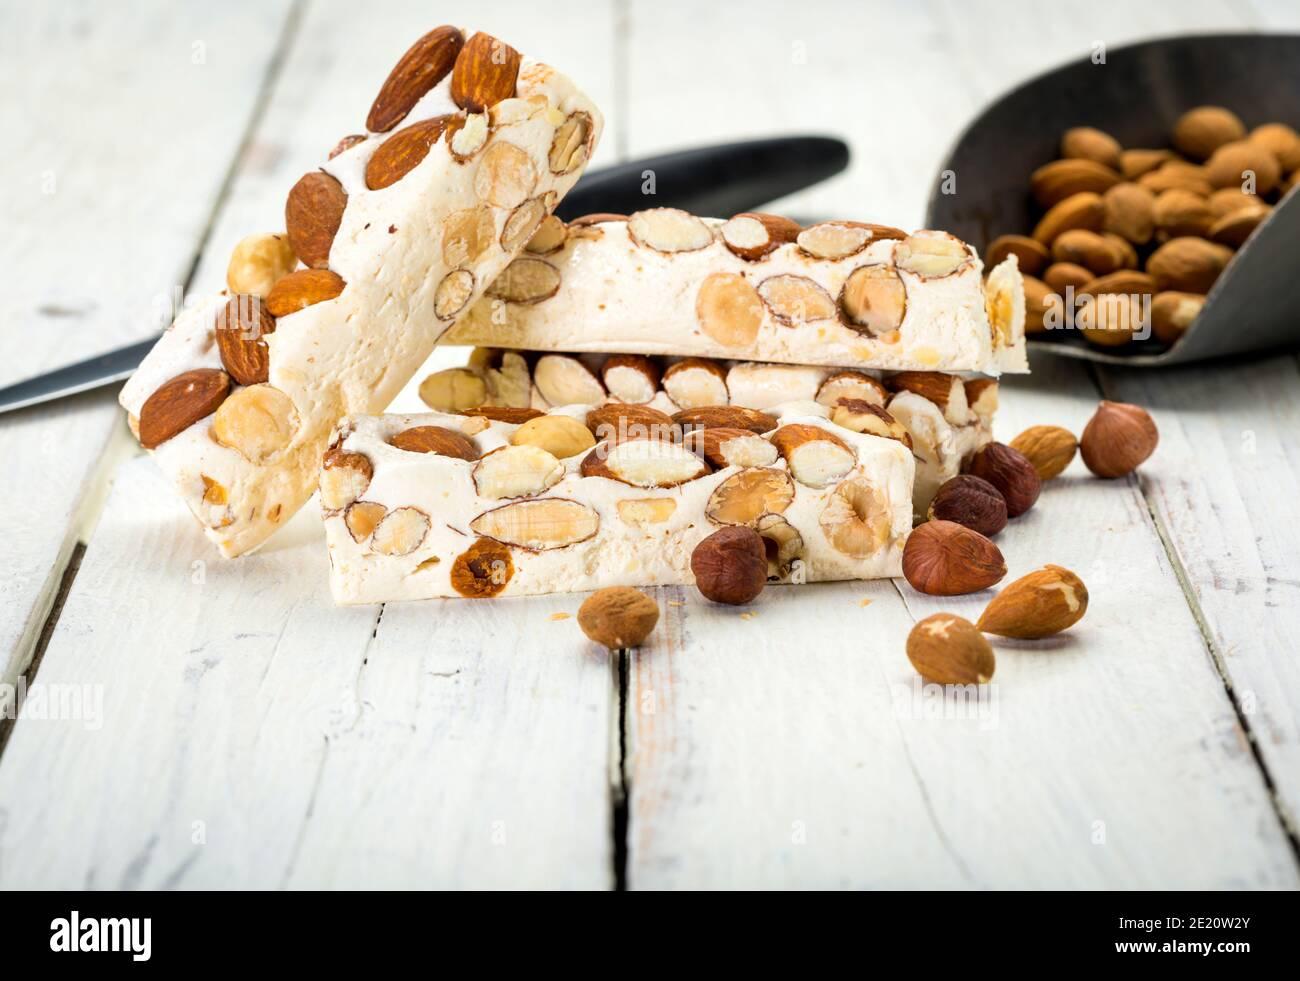 Blocs de Turron aux amandes et aux noisettes sur une table en bois rustique avec couteau et pelle Banque D'Images